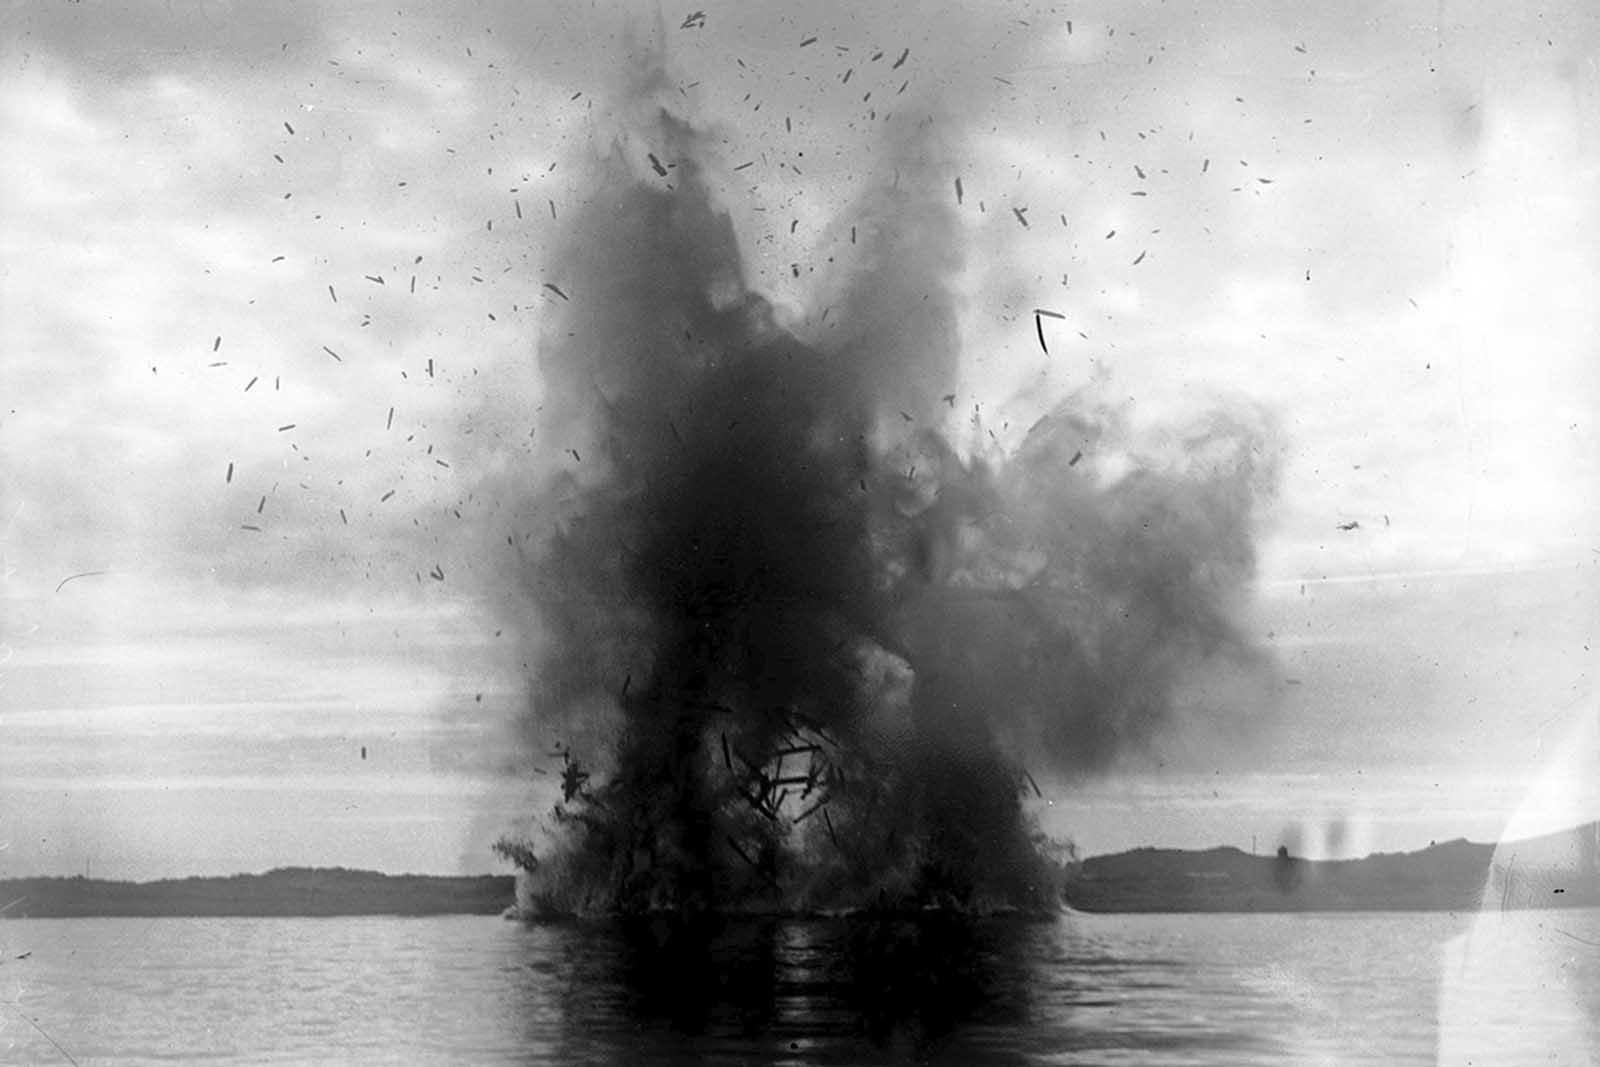 En los Dardanelos, la flota aliada hace estallar una nave inutilizada que interfirió con la navegación.